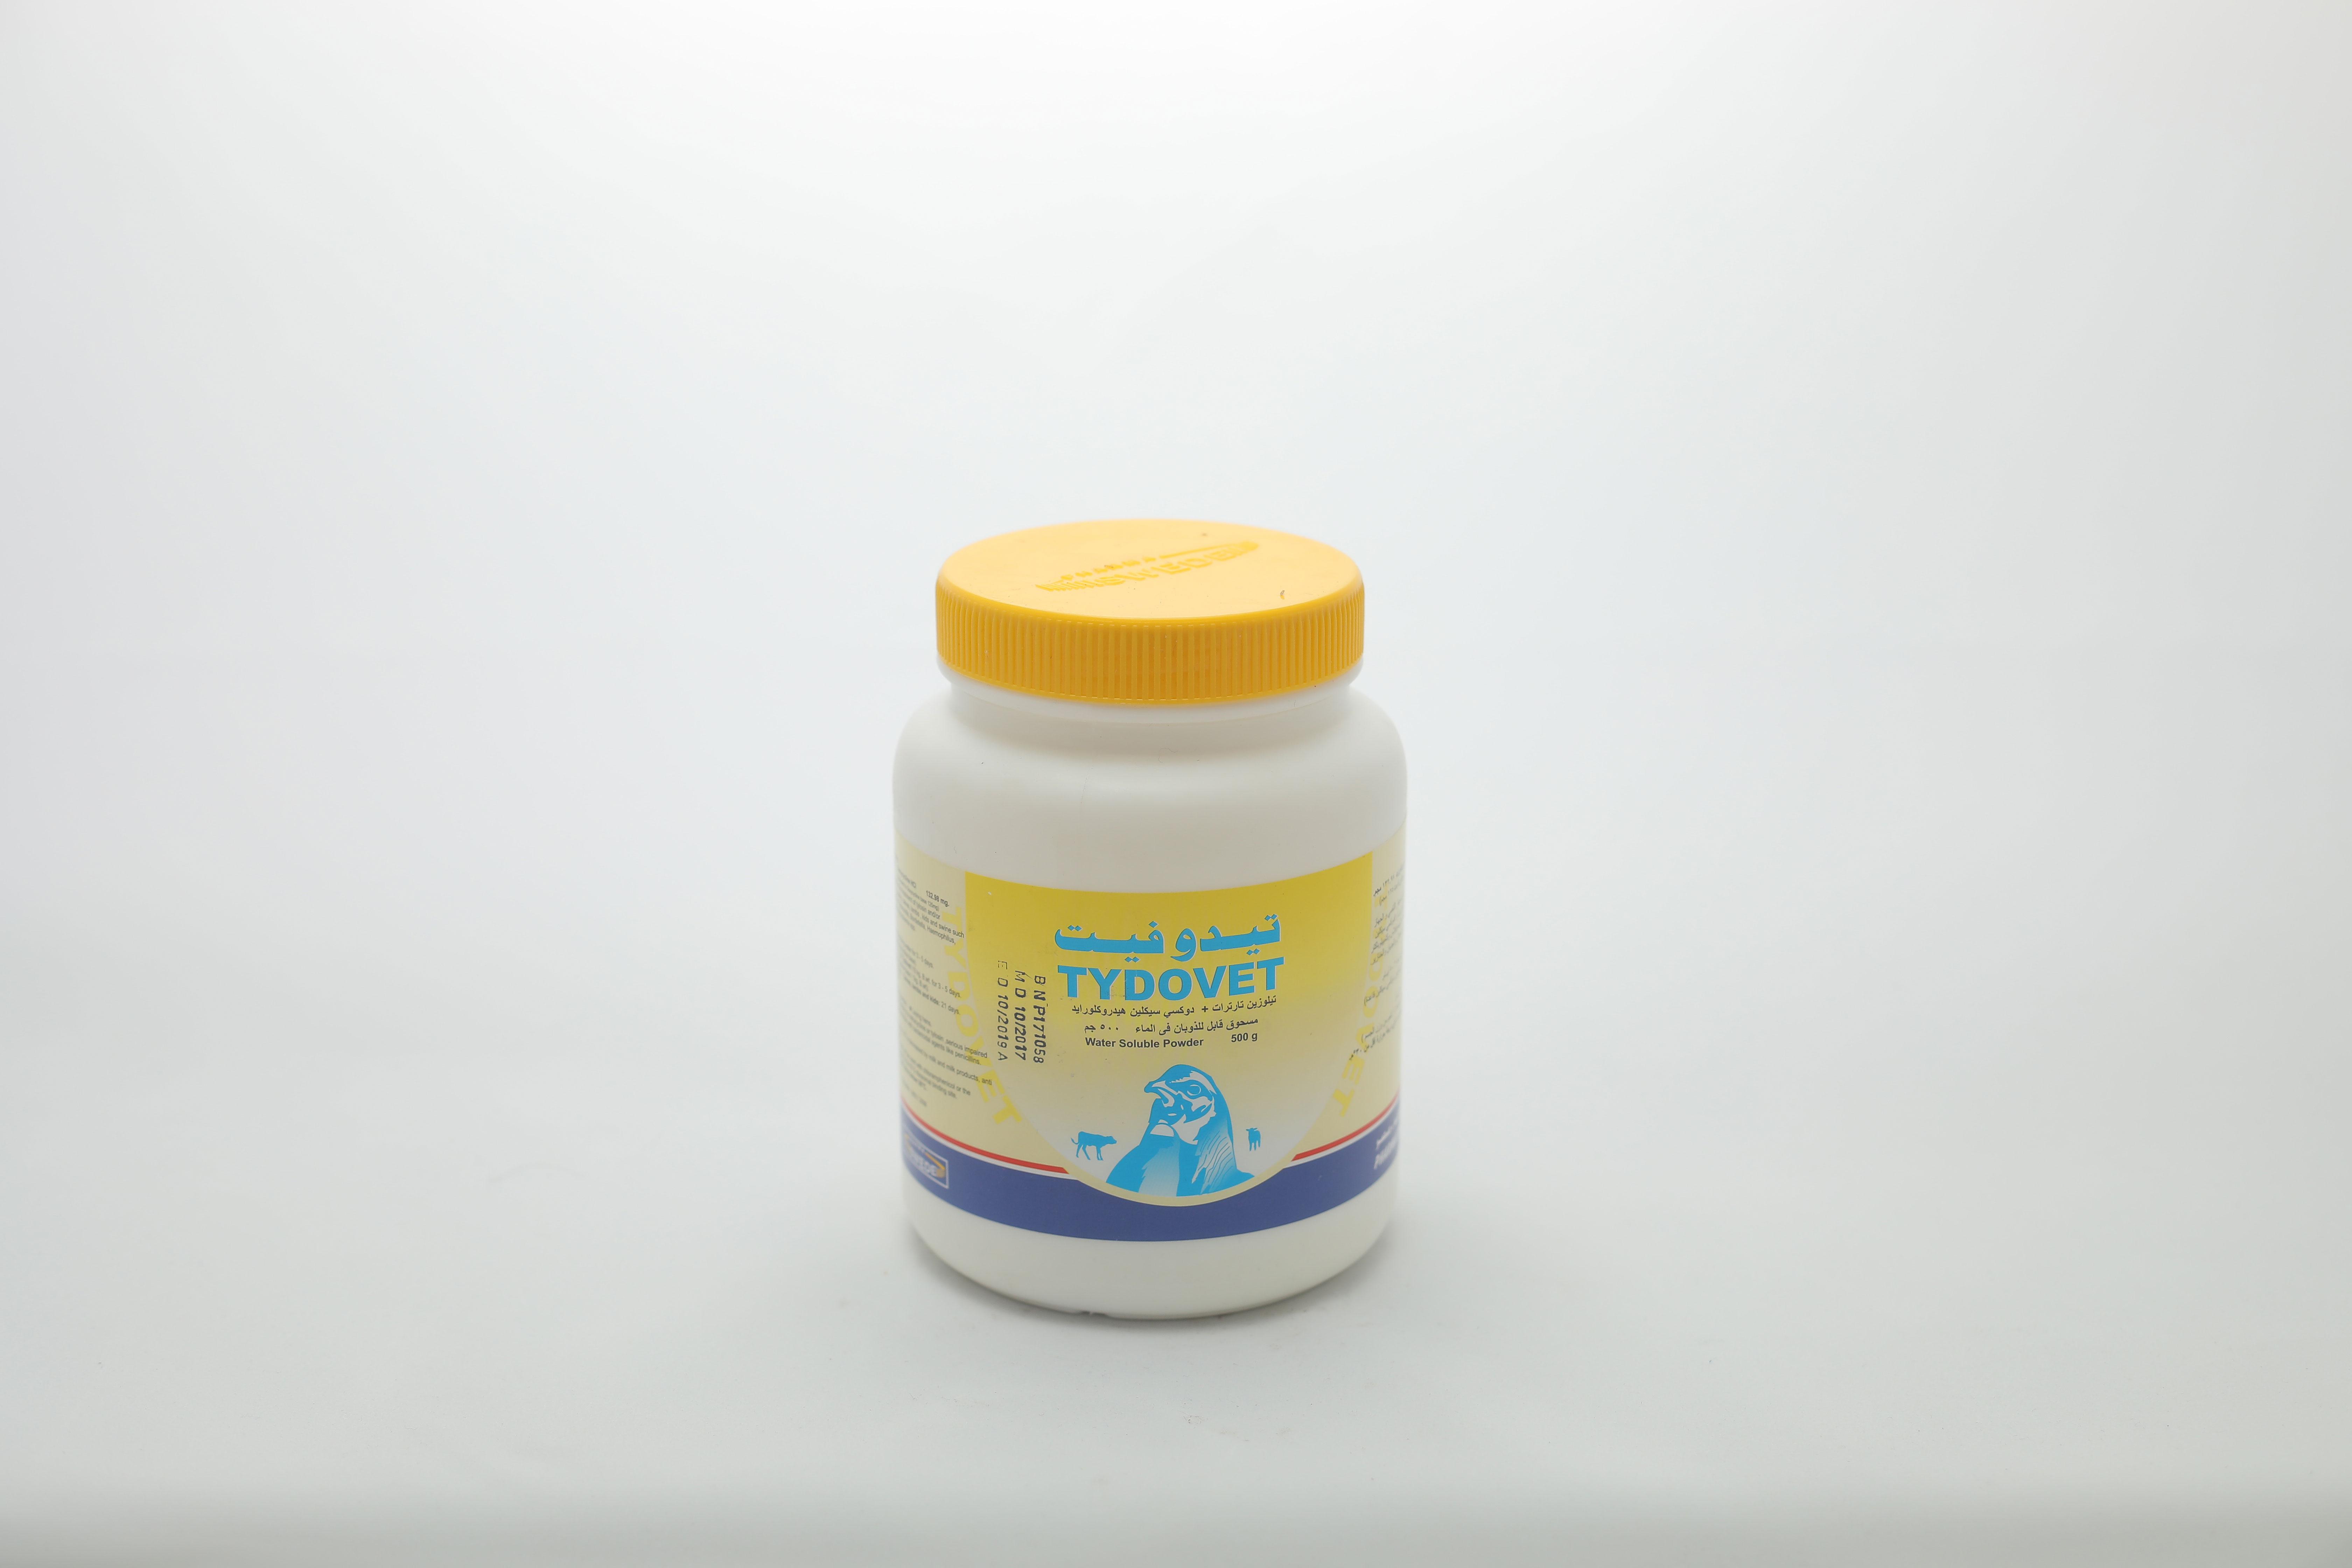 Tydovet Powder